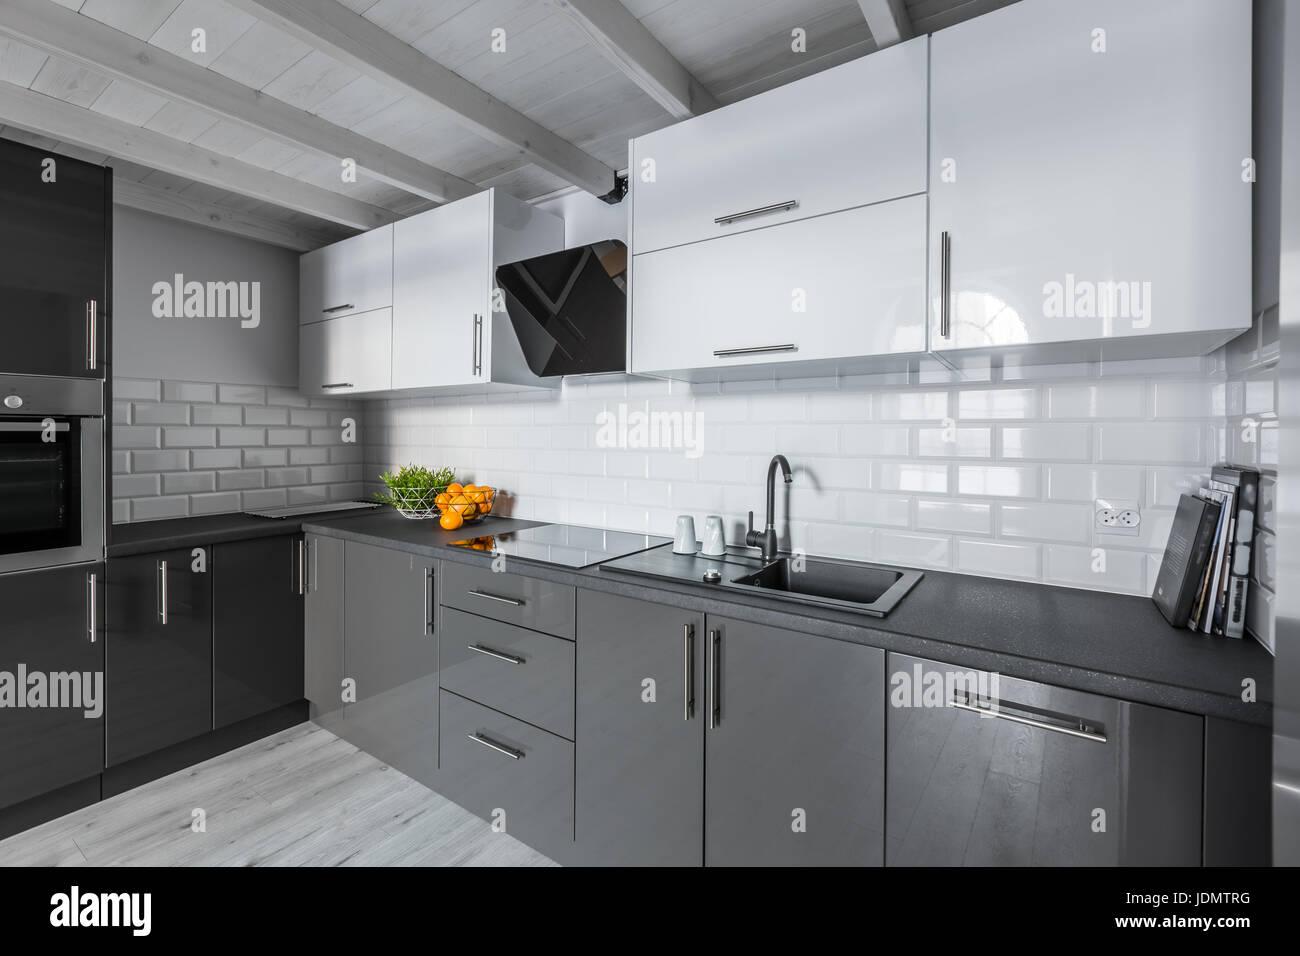 Cucina moderna con mattoni bianchi piastrelle e soffitti in legno